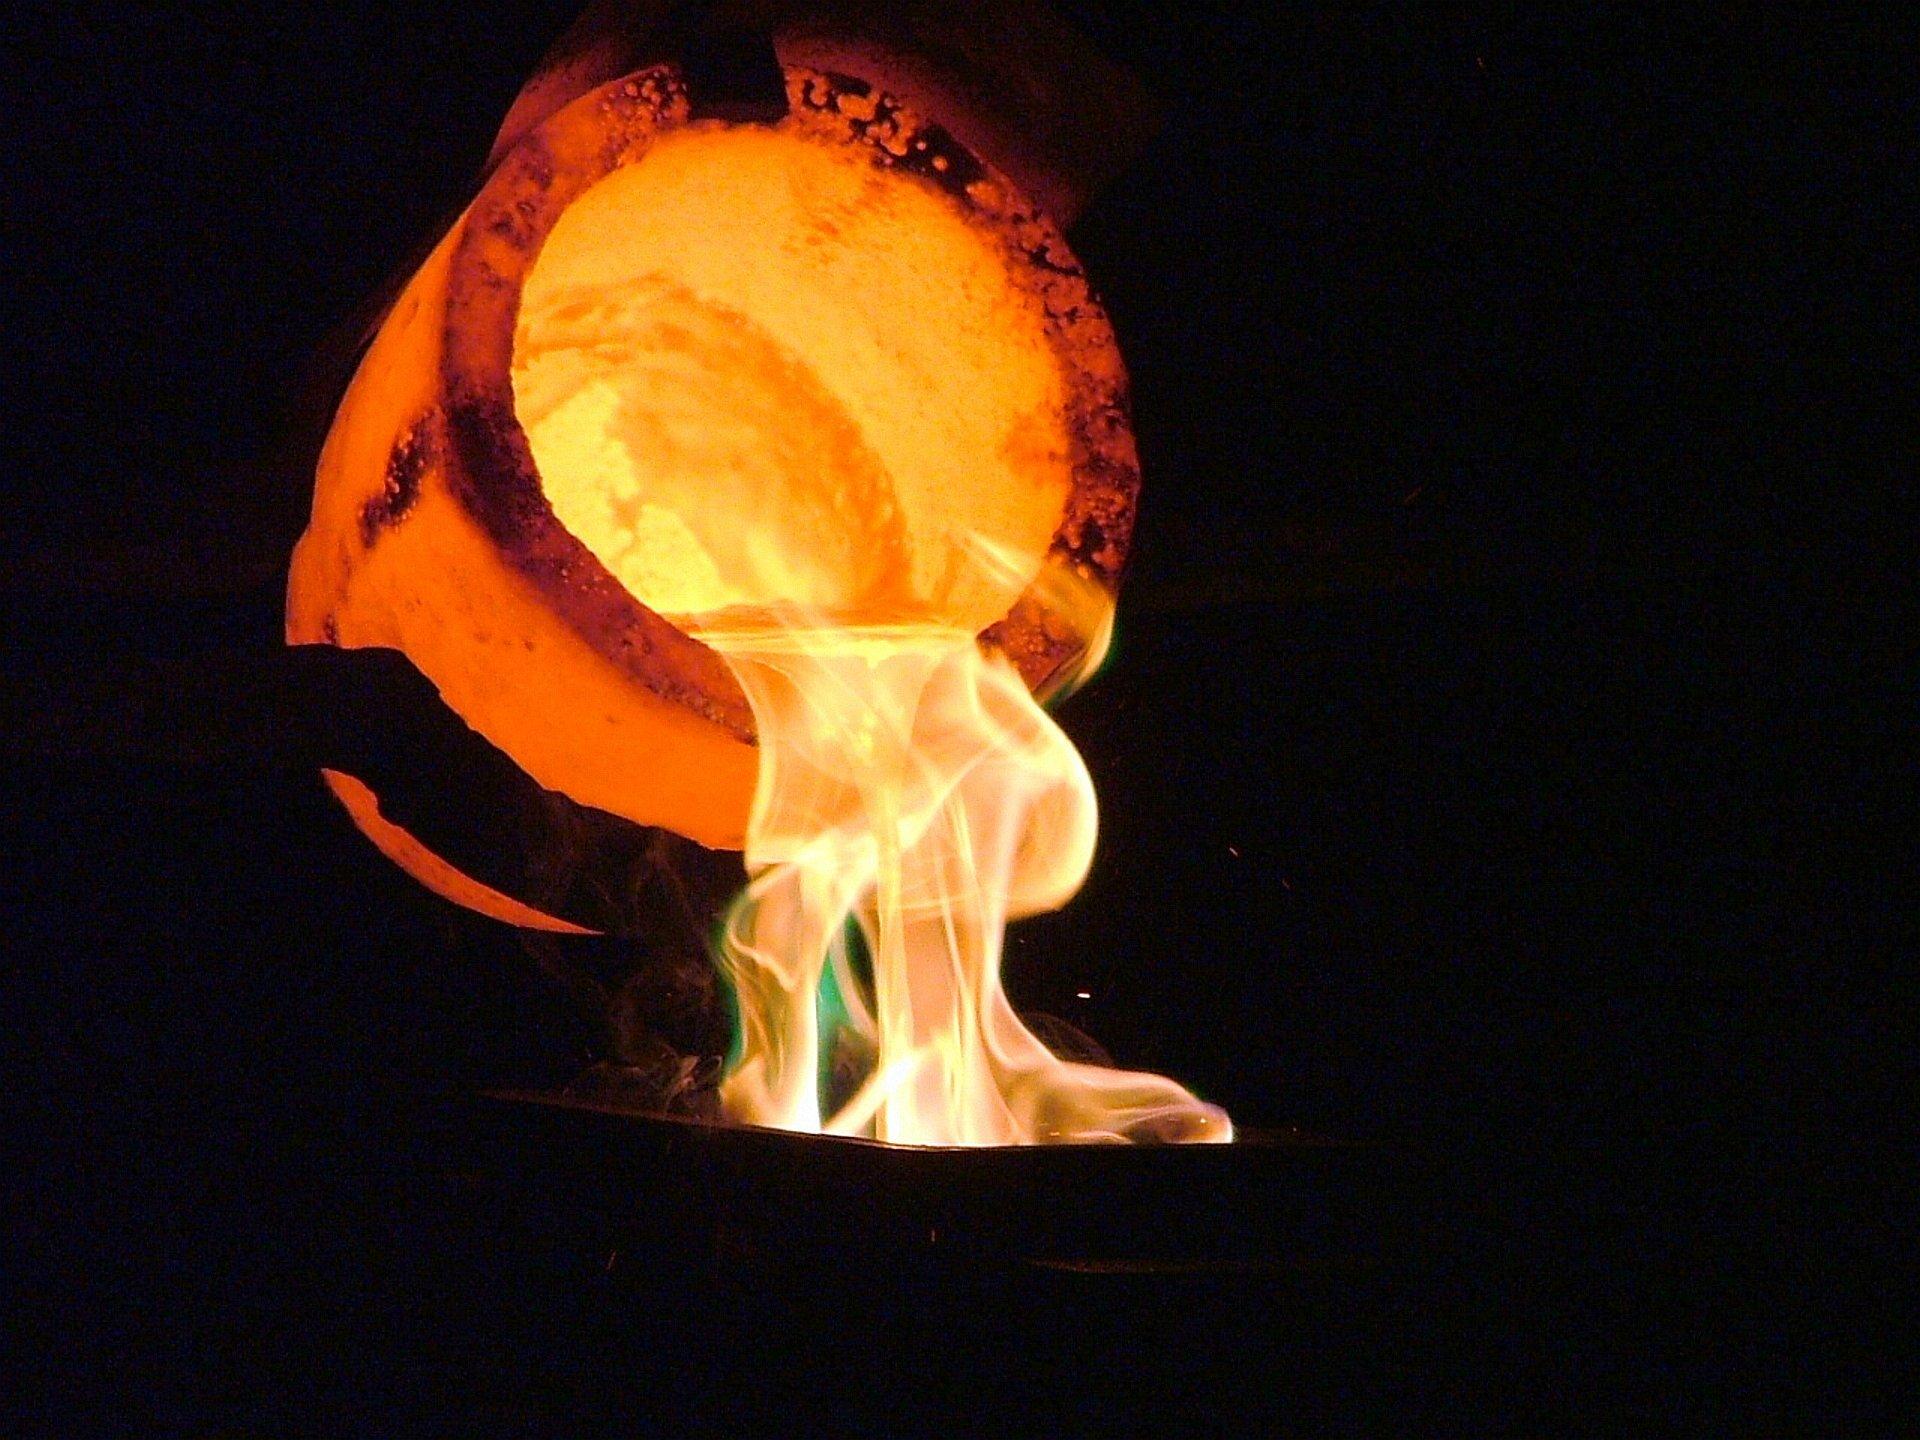 Zdjęcie przedstawia rozżarzony do czerwoności tygiel, zktórego po obróceniu wypływa struga płynnego złota otaczana przez płomienie. Całe otoczenie tygielka jest ciemne, co sugeruje, że tak naprawdę blask zarówno tygielka jak izłotej strugi są znacznie jaśniejsze.